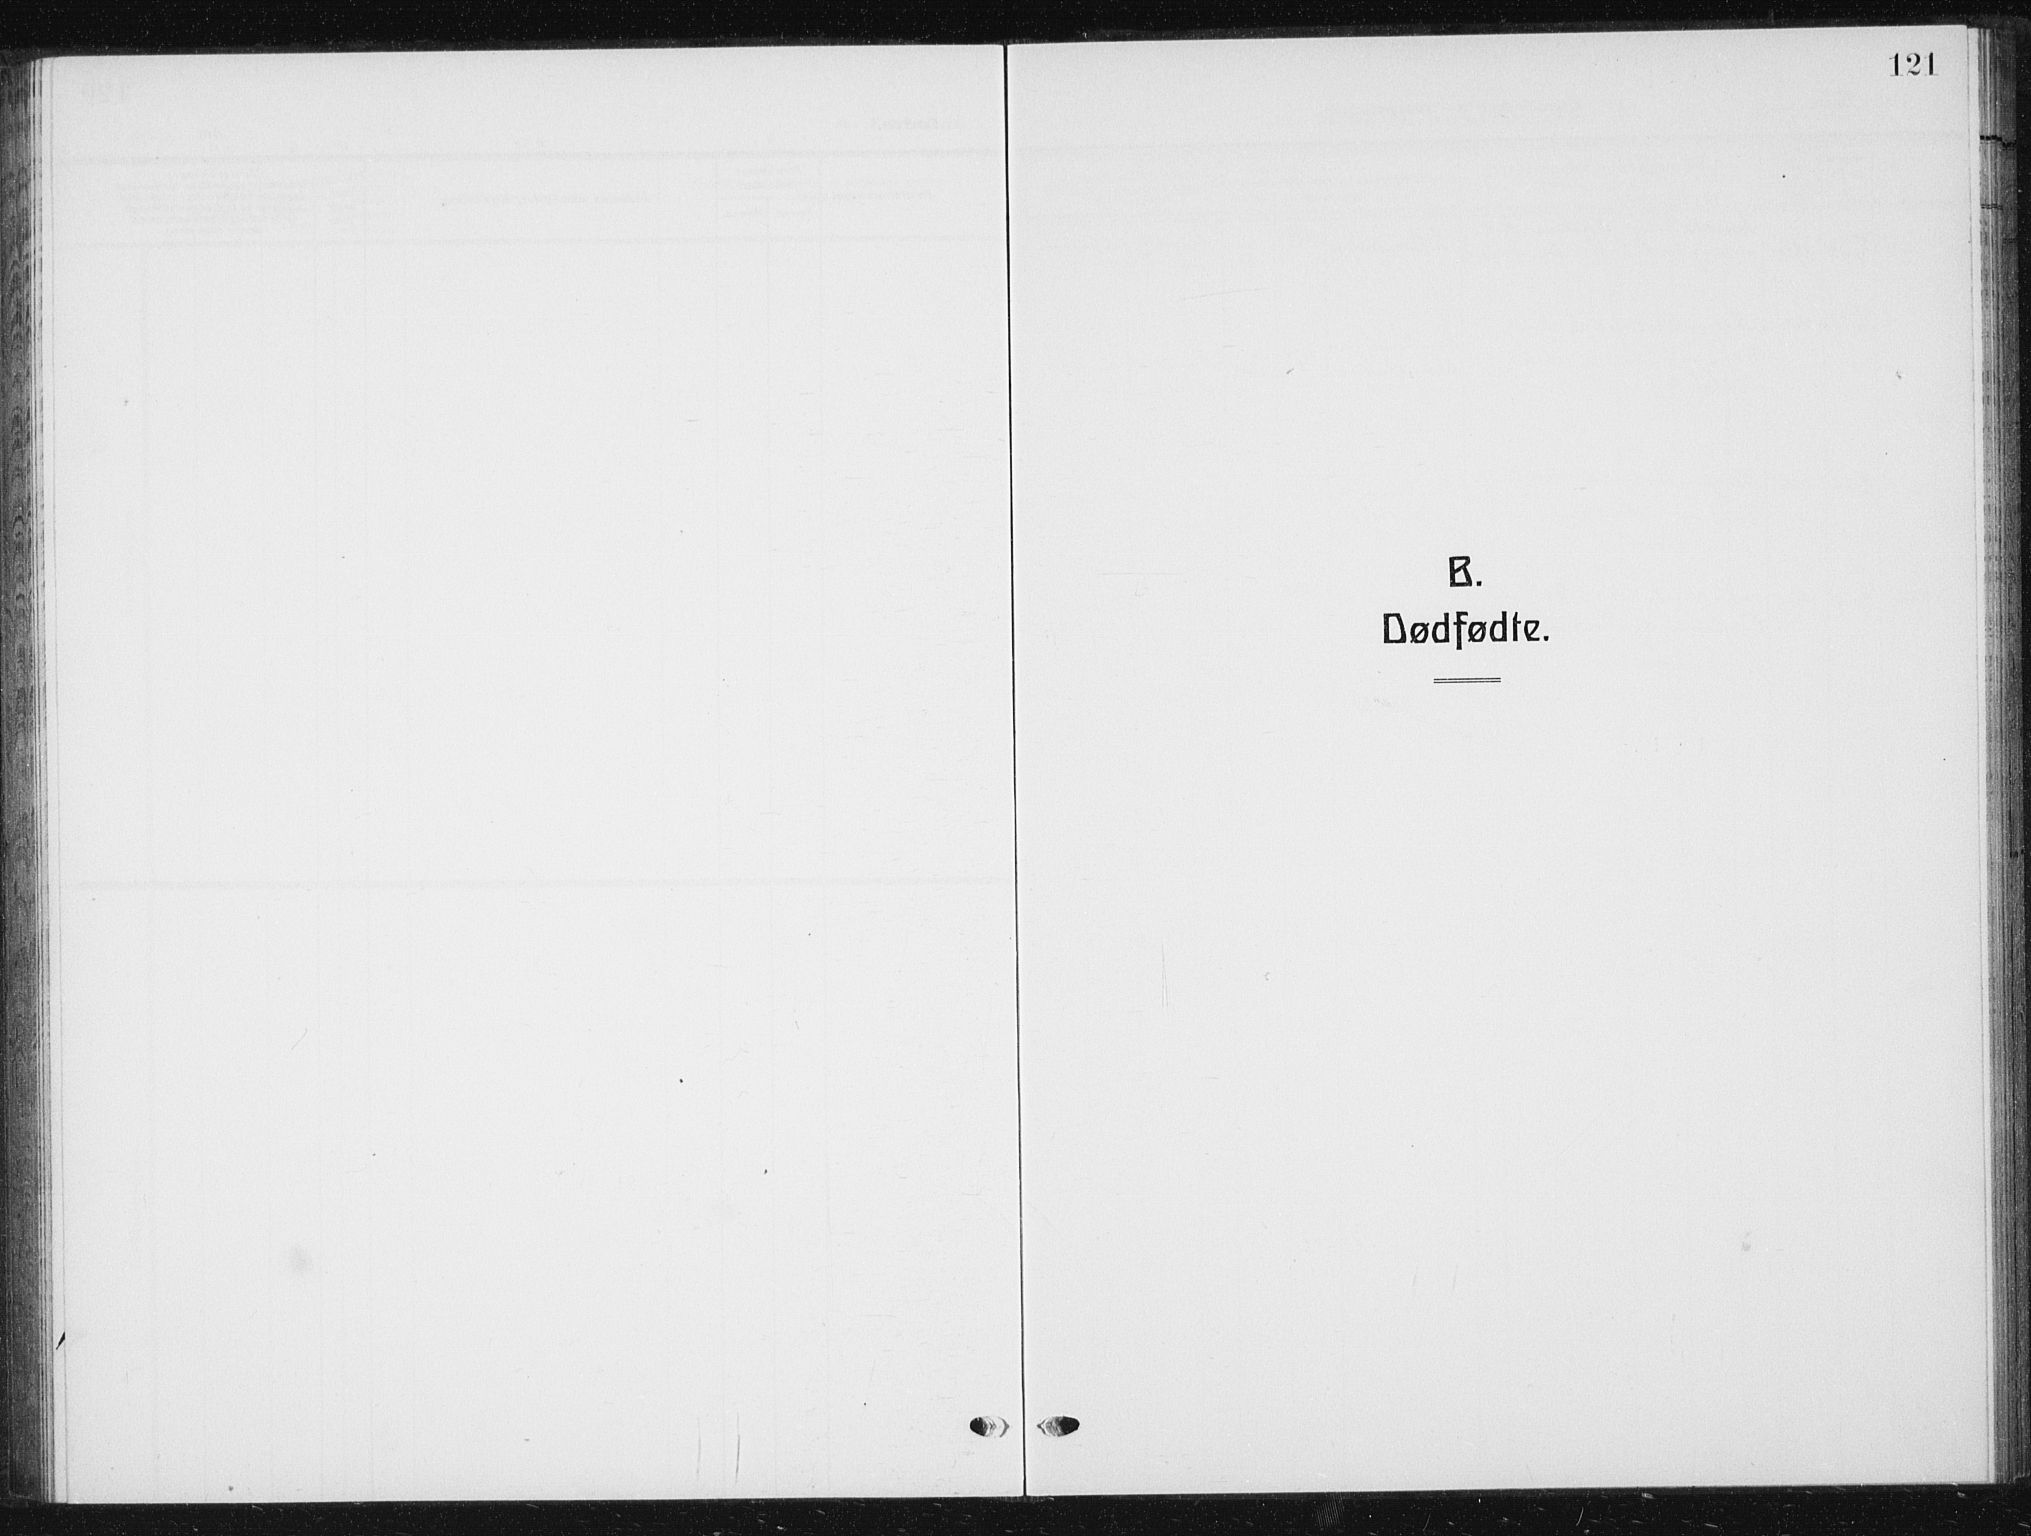 SAT, Ministerialprotokoller, klokkerbøker og fødselsregistre - Sør-Trøndelag, 615/L0401: Klokkerbok nr. 615C02, 1922-1941, s. 121